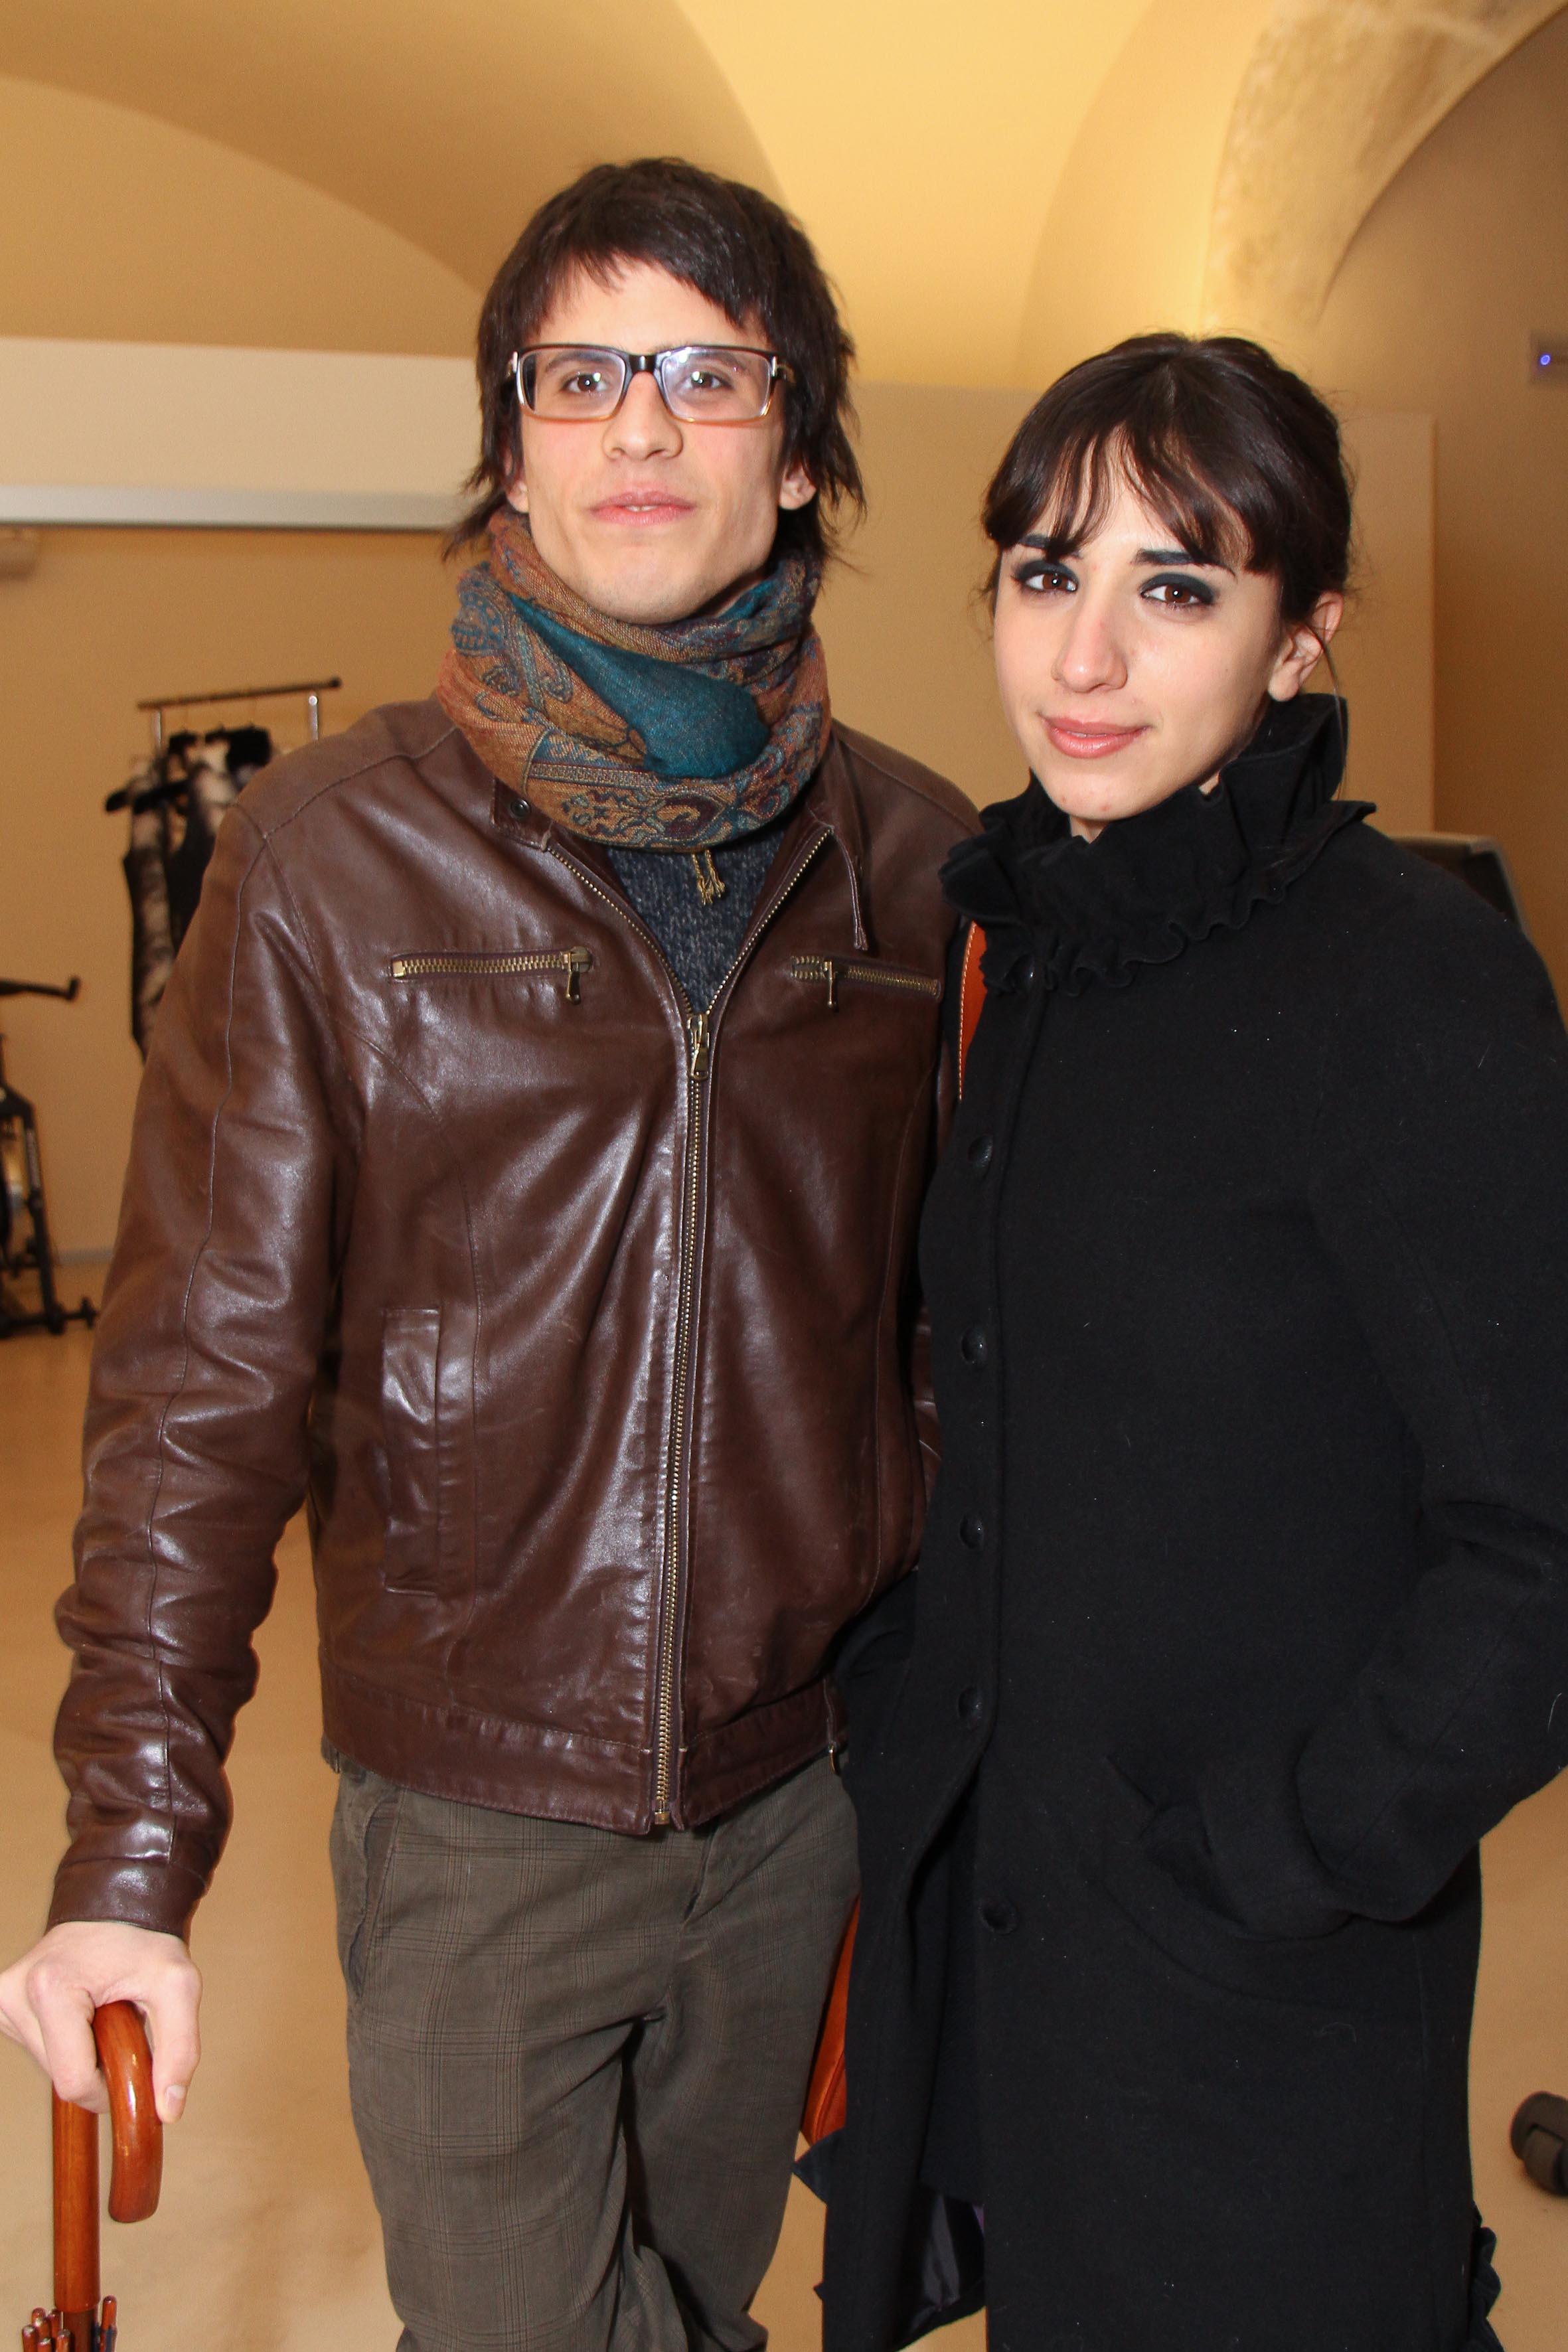 PRESSPHOTO Firenze, palestra OM. Nella foto Mattia Capecchi e Federica Altavilla